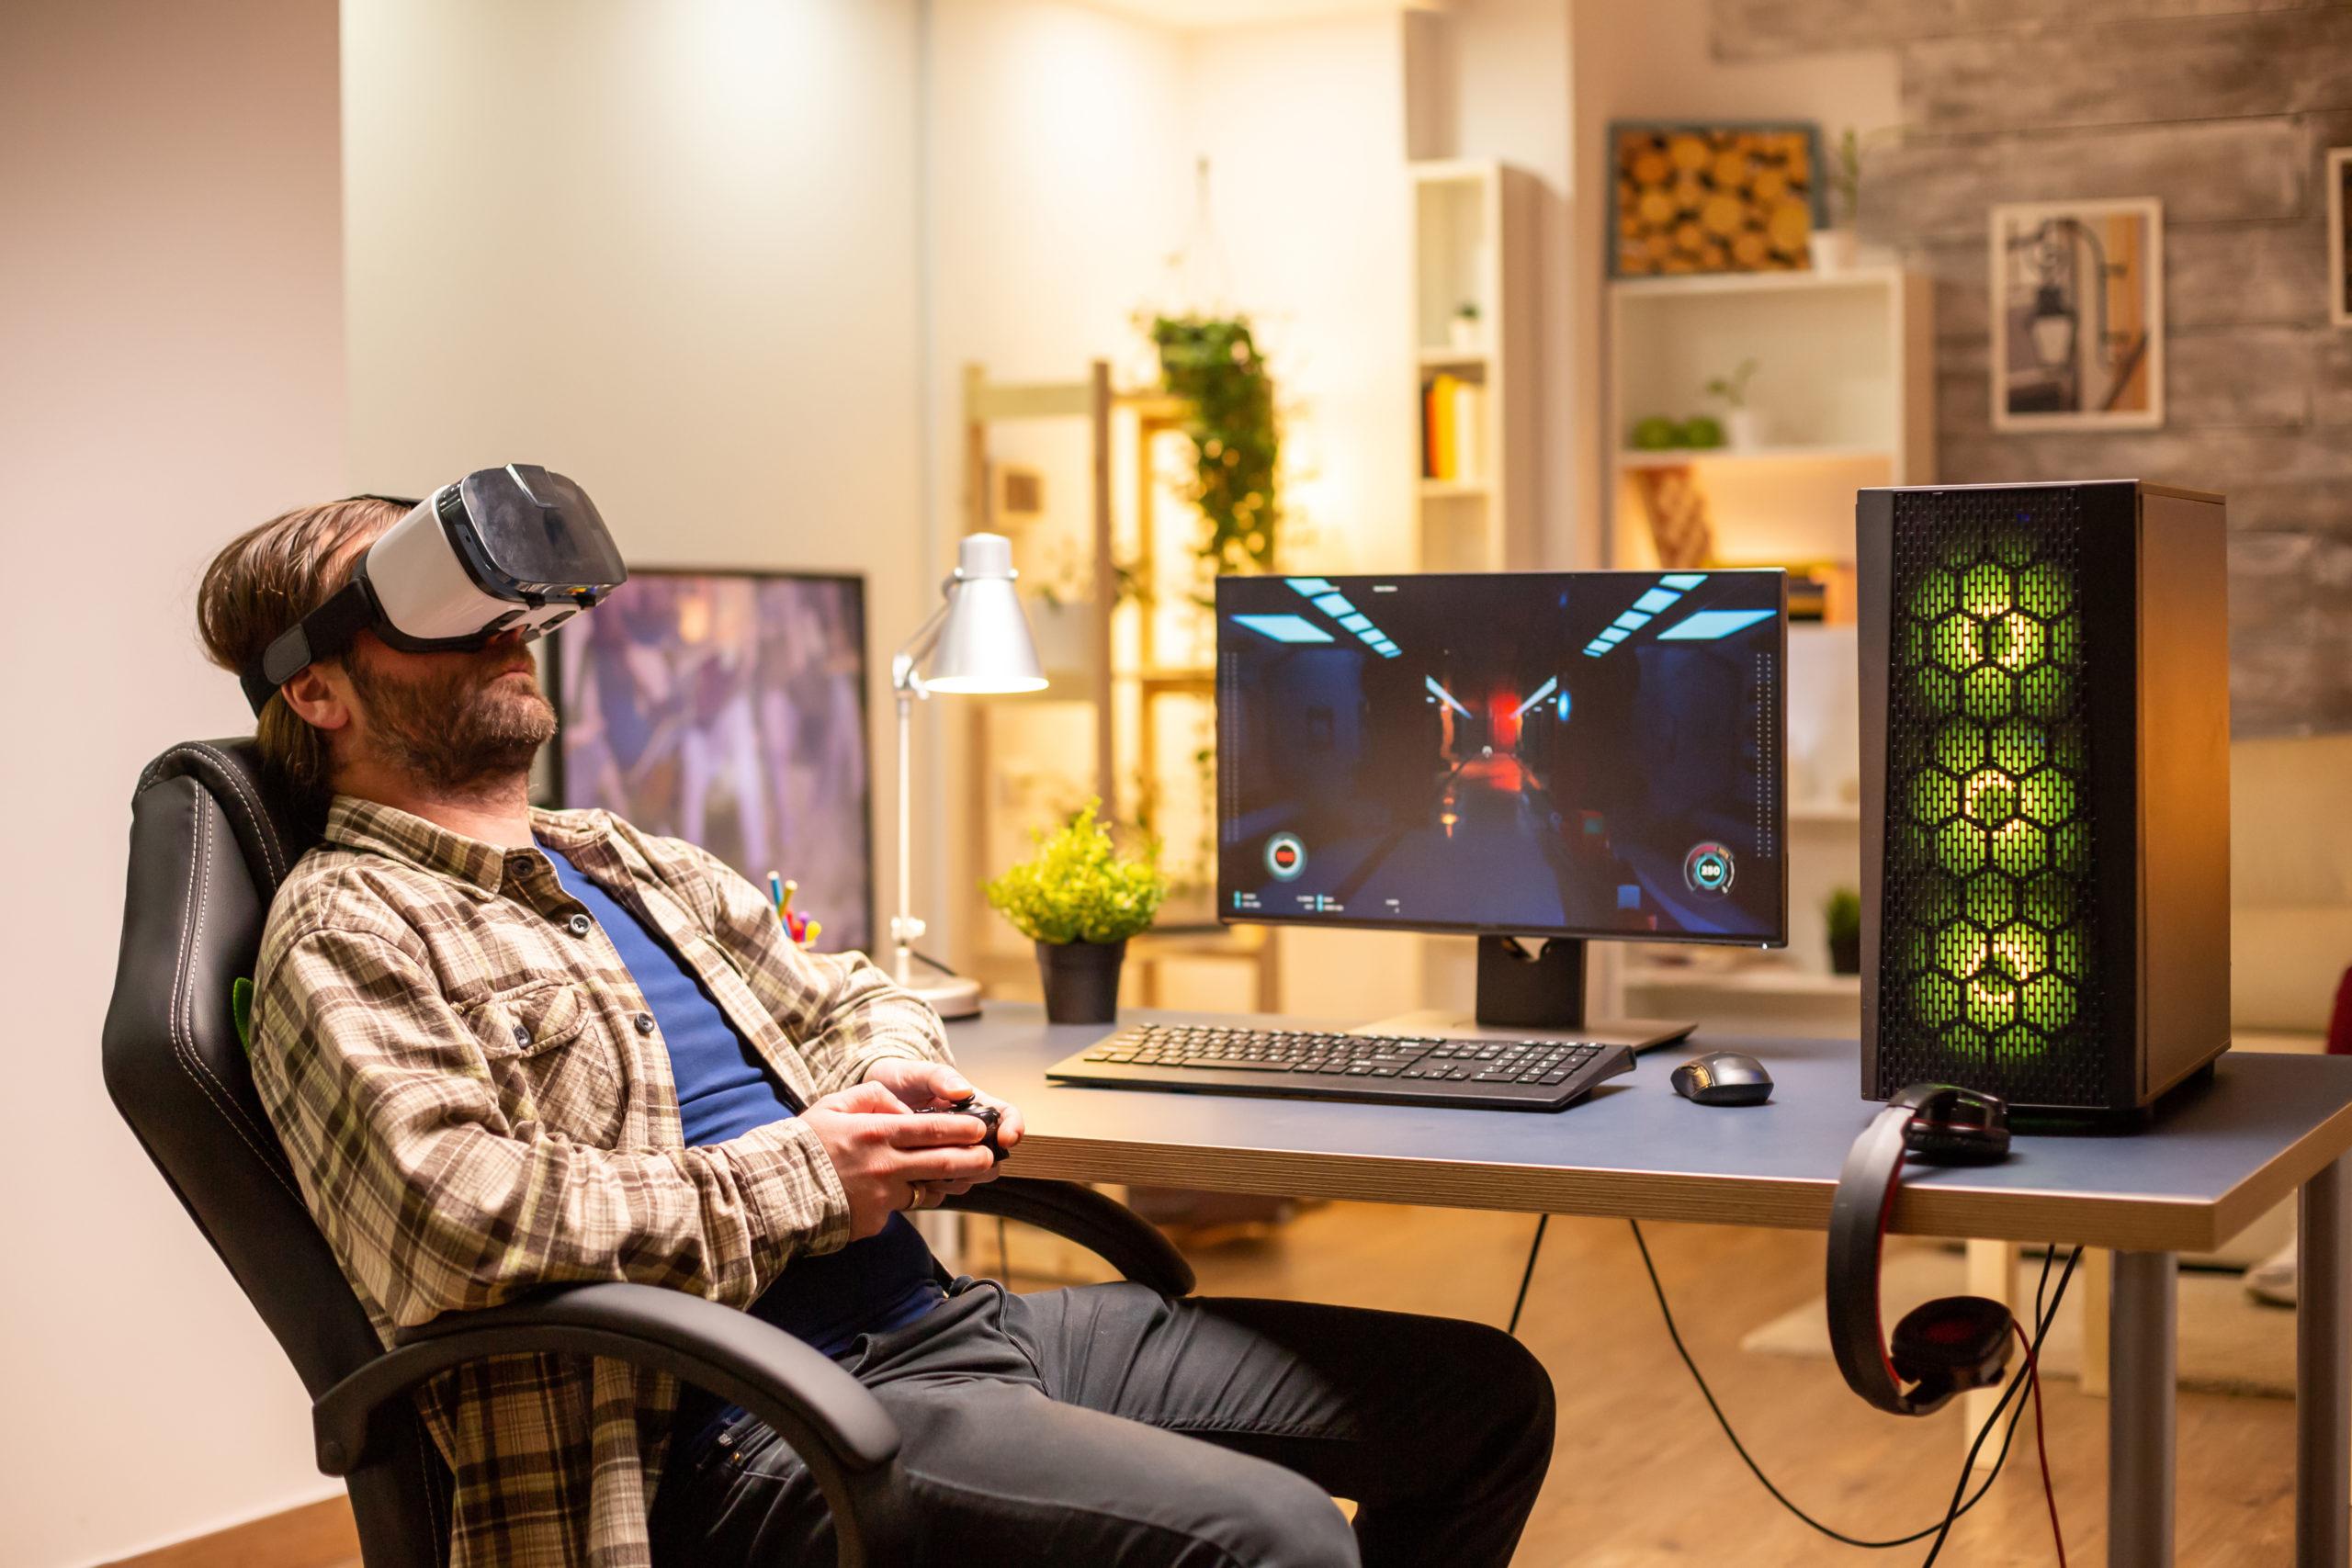 VR Brillen orleando.de Orleando VR Brillen im Test